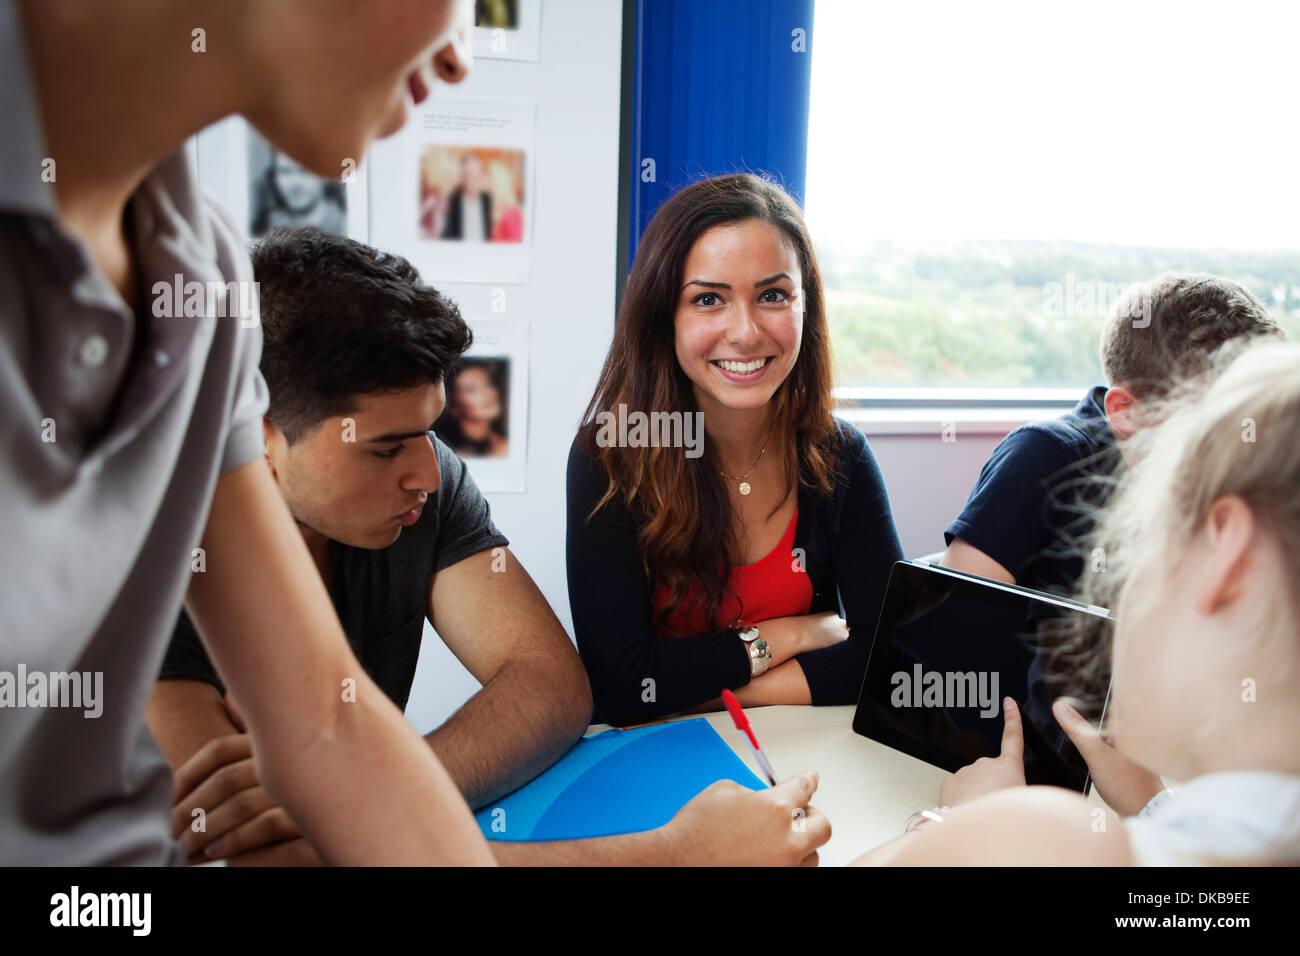 Los escolares adolescentes mediante tableta digital Imagen De Stock